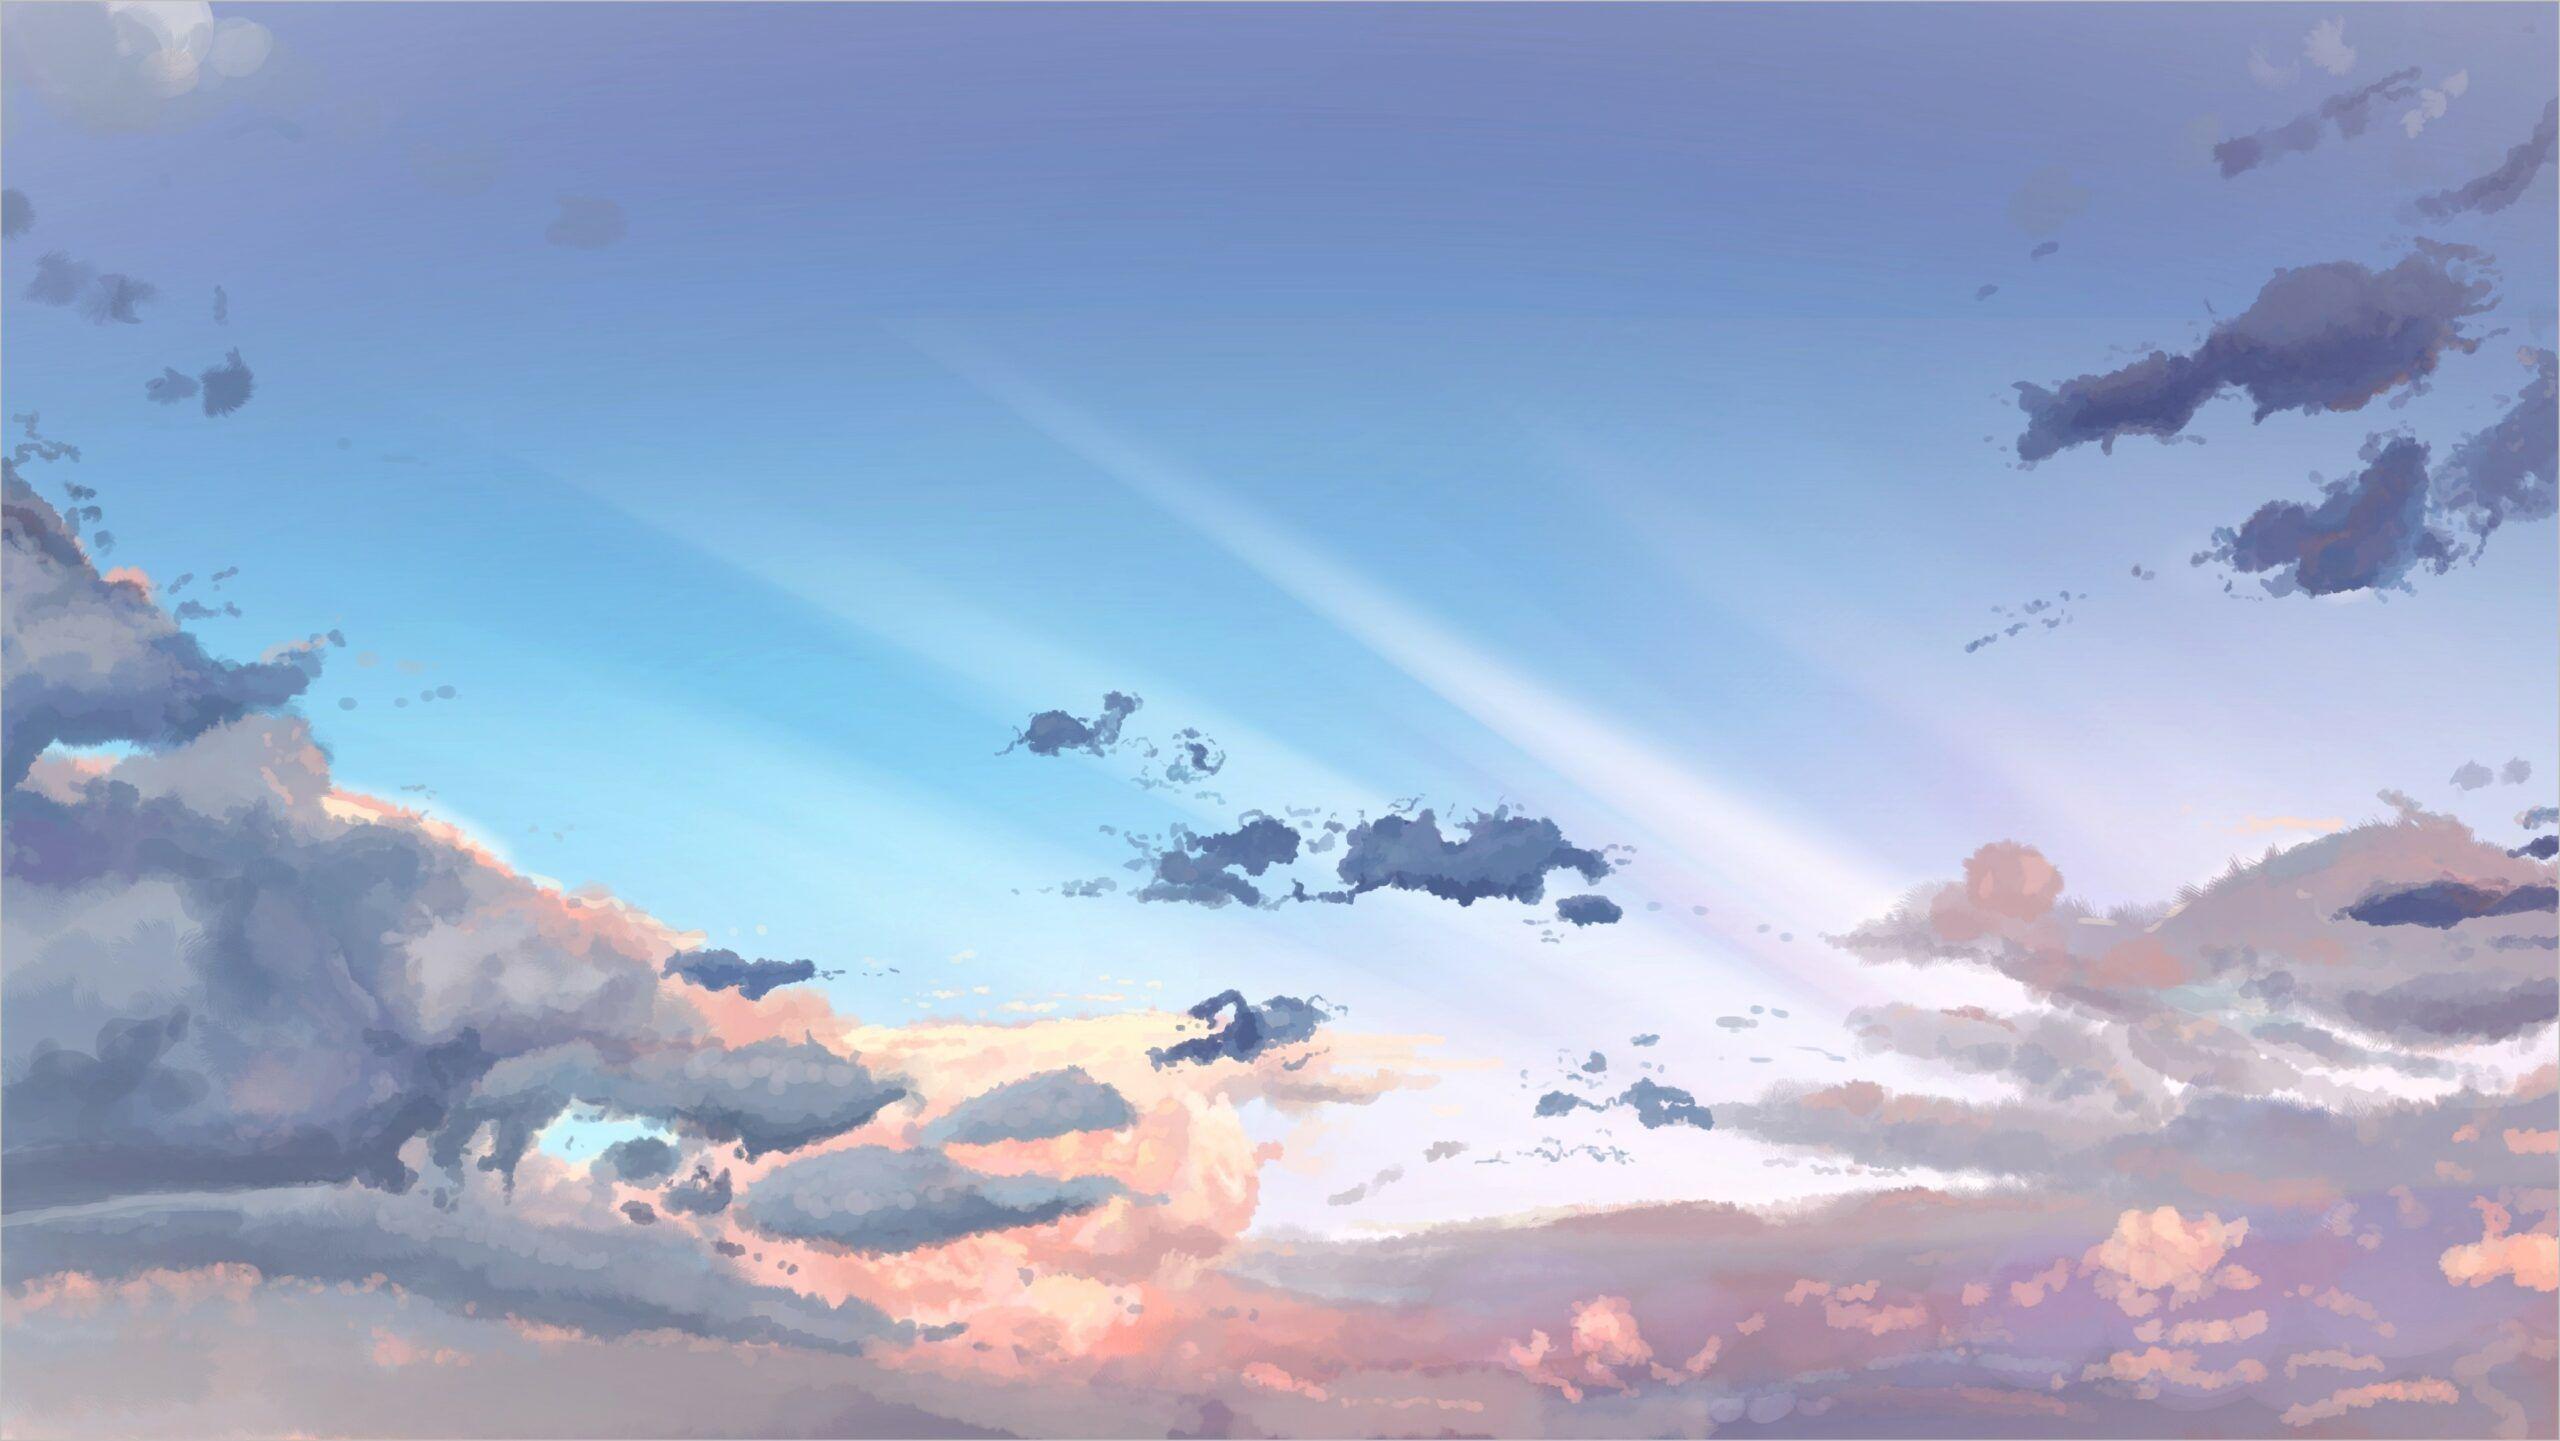 Anime Wallpaper 4k Sky In 2020 Sky Anime Night Sky Wallpaper Anime Wallpaper Download